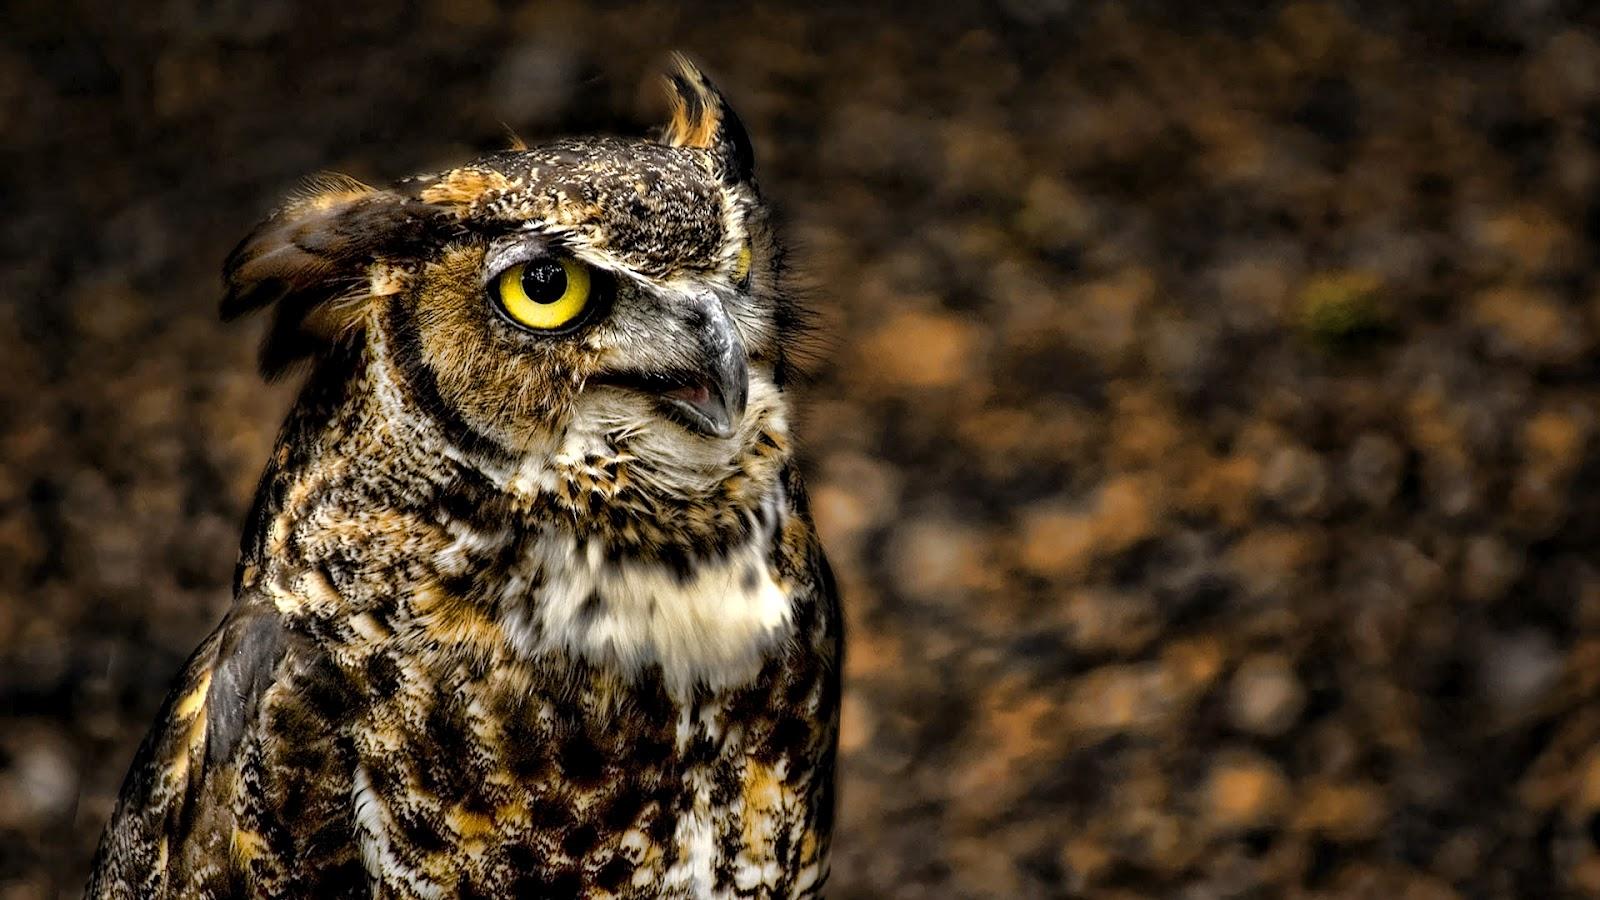 Hoot Owl Wallpaper - WallpaperSafari